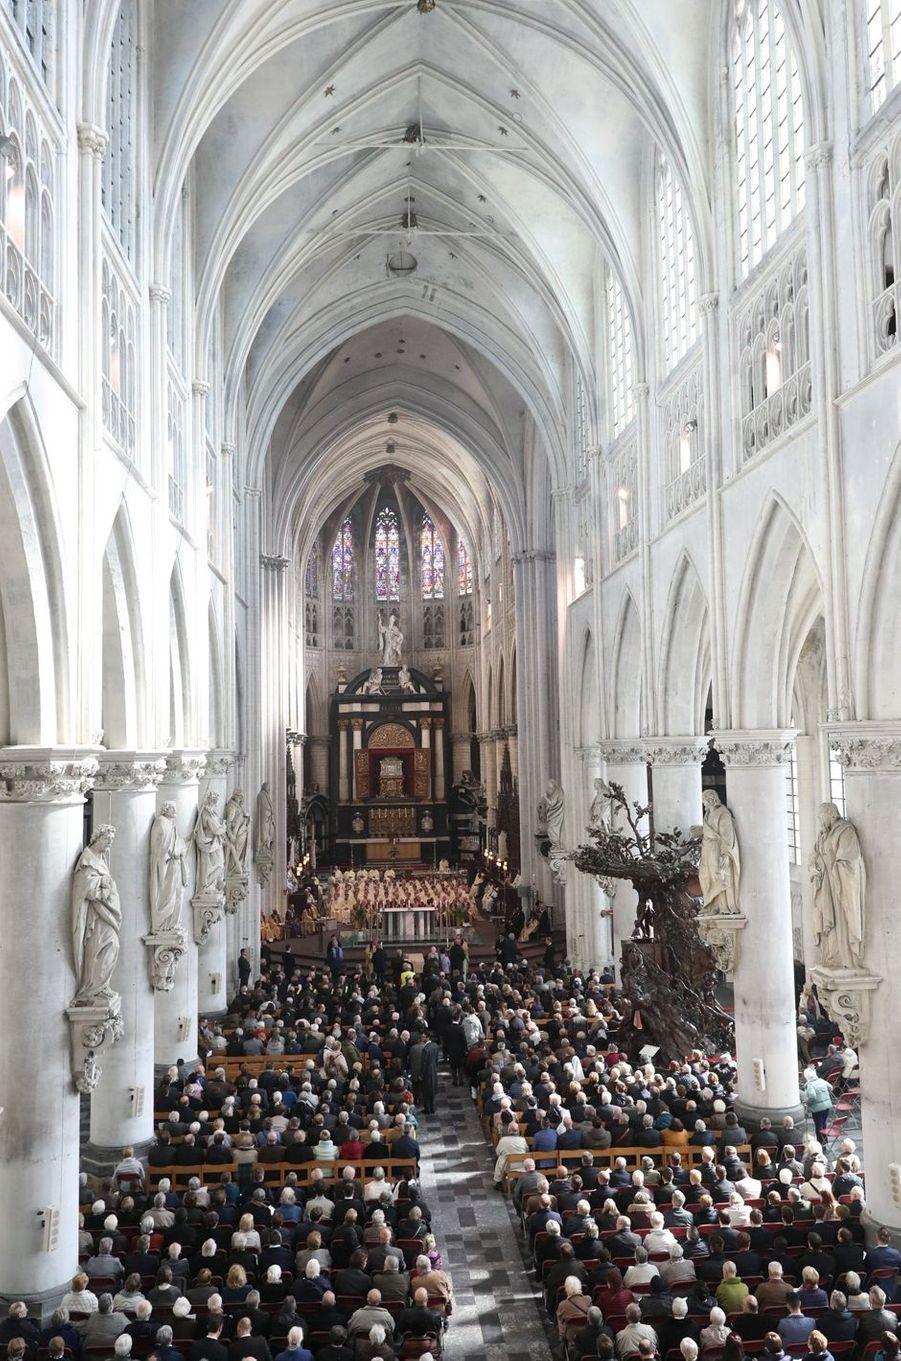 Les obsèques du cardinal Danneels à Malines, le 22 mars 2019